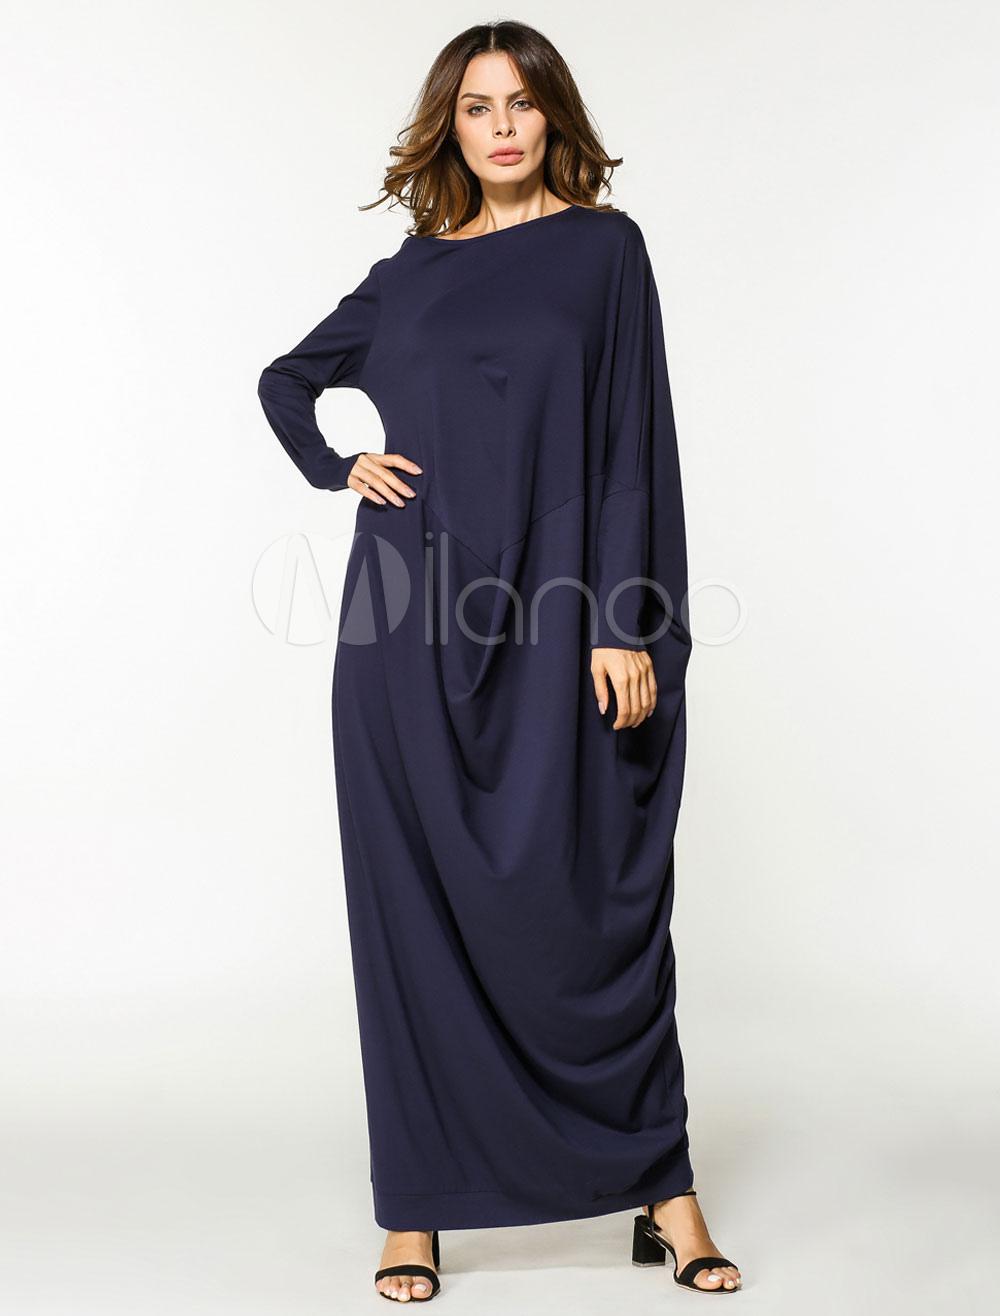 2d2d2709 ... Muslim Abaya Dress Women Oversized Dark Navy Long Sleeve Maxi Kaftan  Dress-No.4. 1. 35%OFF. Color:Dark Navy. AddThis Sharing Buttons